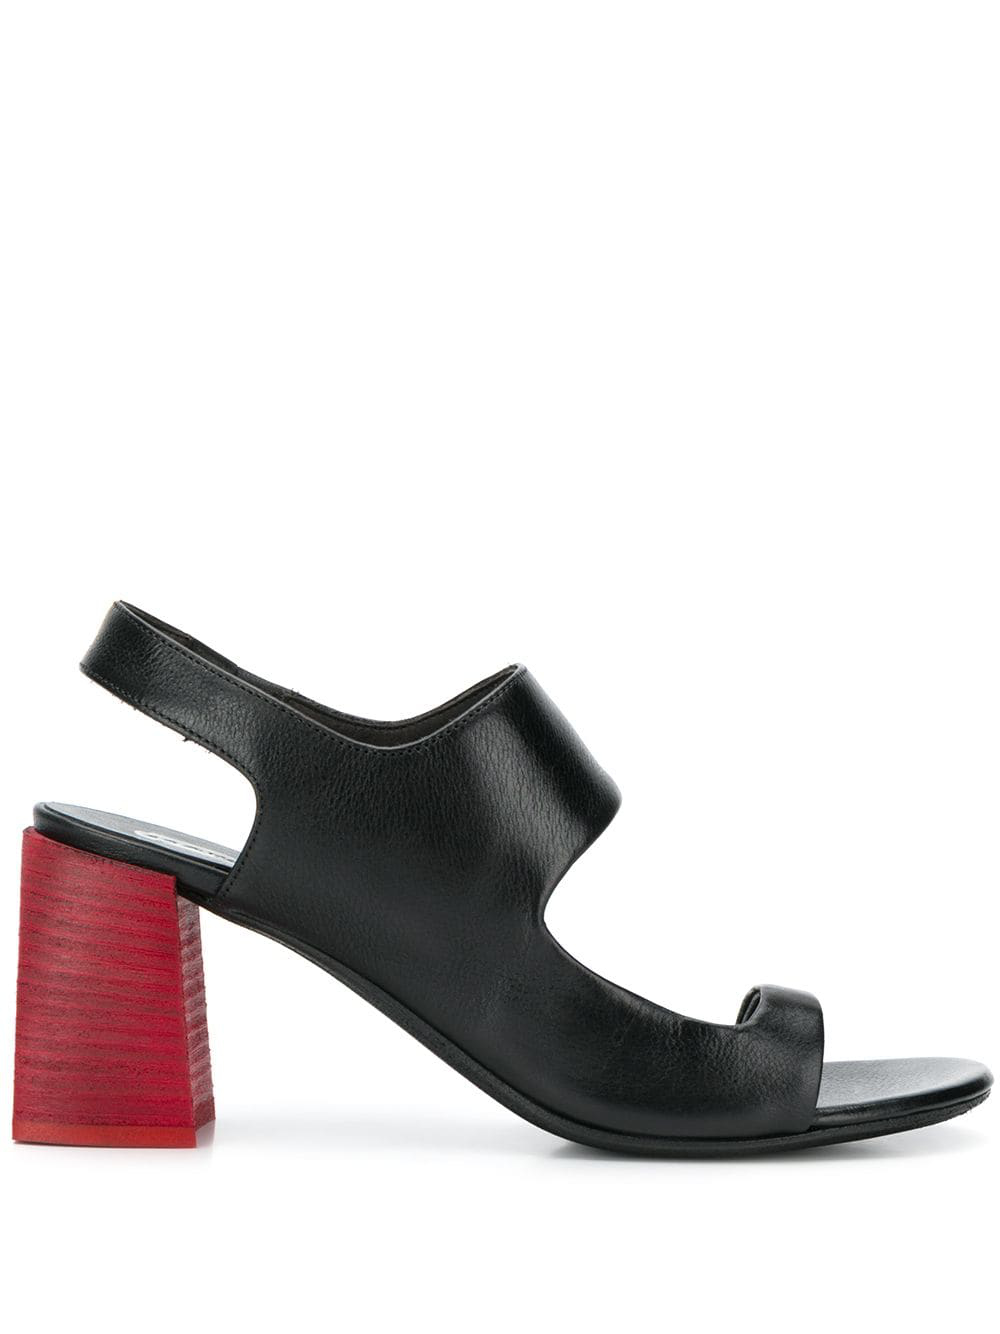 1f1f132f5c1289 MarsÈLl Block Heel Sandals - Black